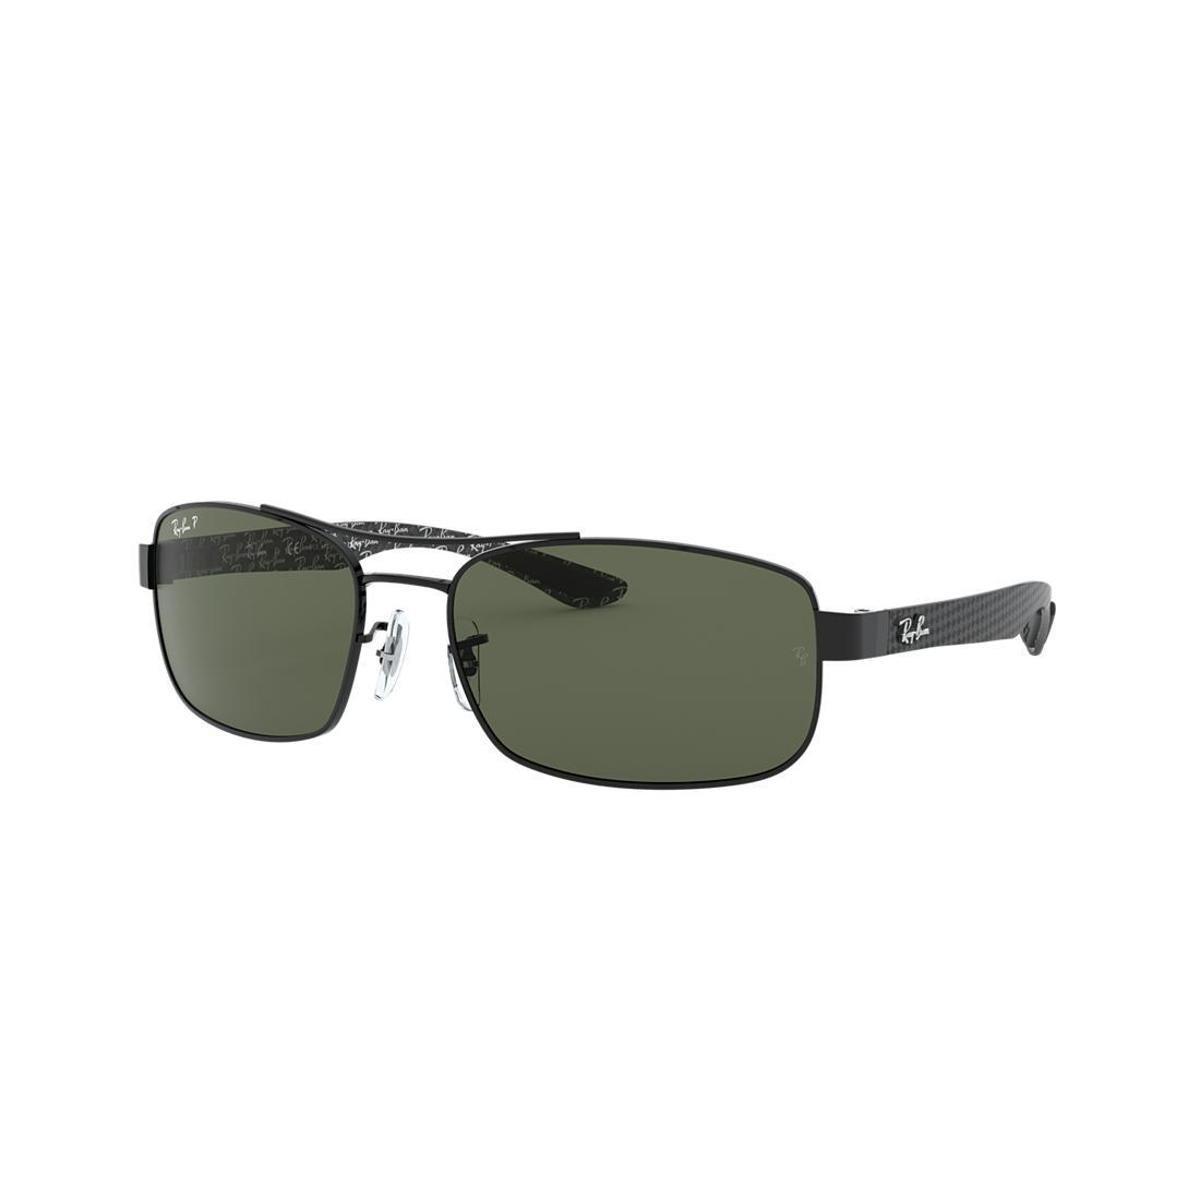 Óculos de Sol Ray-Ban RB8316 - Compre Agora  e61e4a4735a06